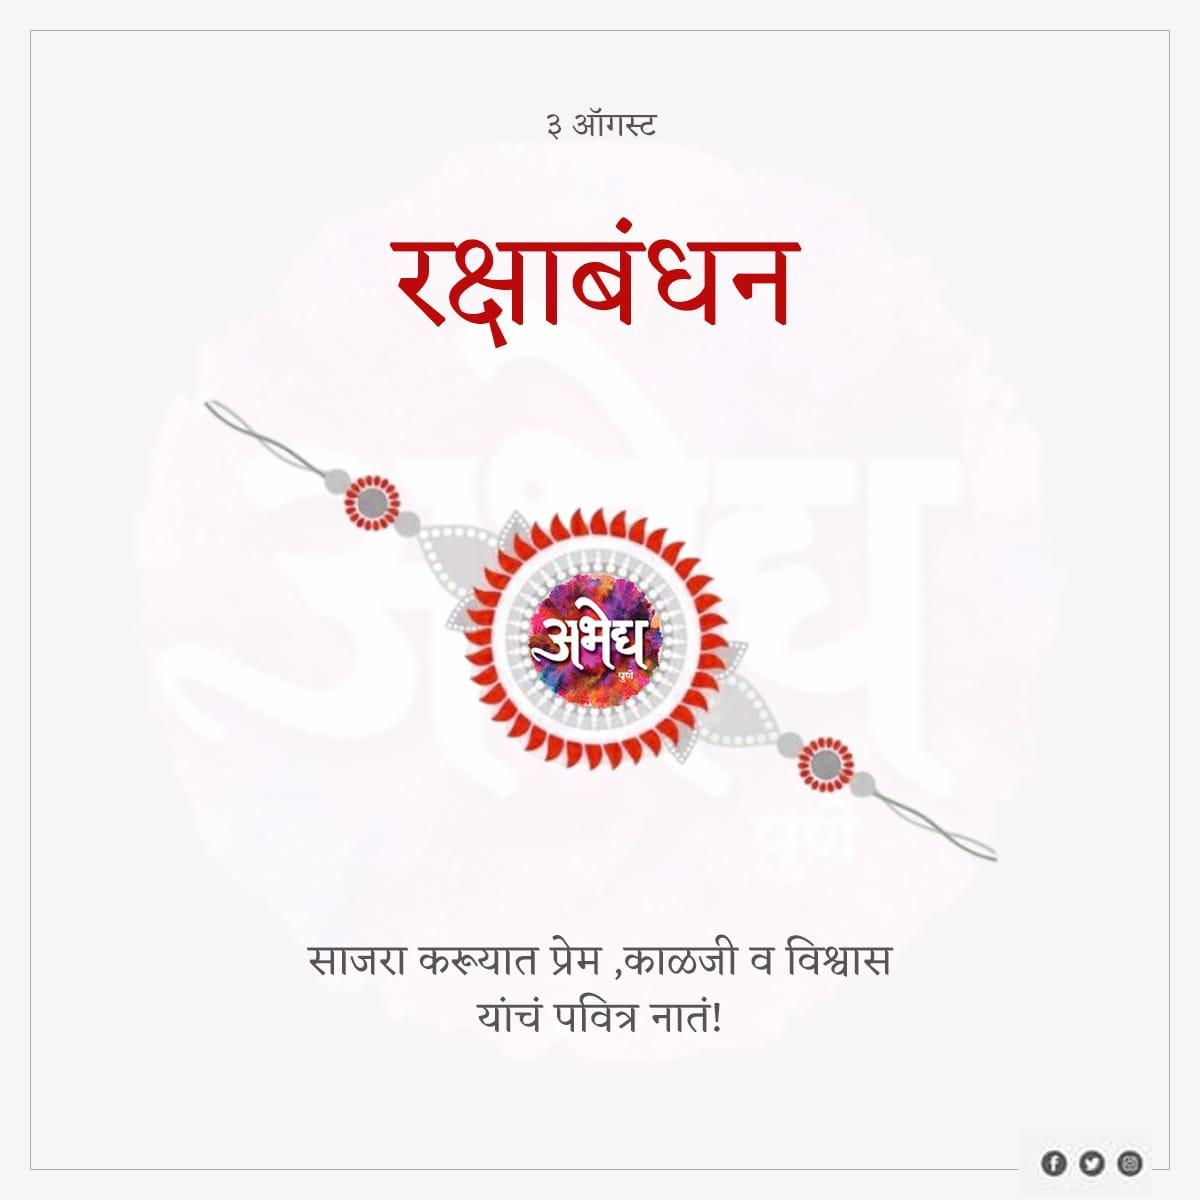 रक्षाबंधनाच्या अभेद्य परिवाराकडून सर्वांना खूप खूप शुभेच्छा !!  #rakshabandhan #rakshabandhan2020 #rakhi #love #rakhis #bappamorya #ganpatibappamorya #punedholtasha #dhol #tasha #dhwaj #pathak #abhedya_pune #pune #maharashtra #indiapic.twitter.com/Y92yWjqpaZ